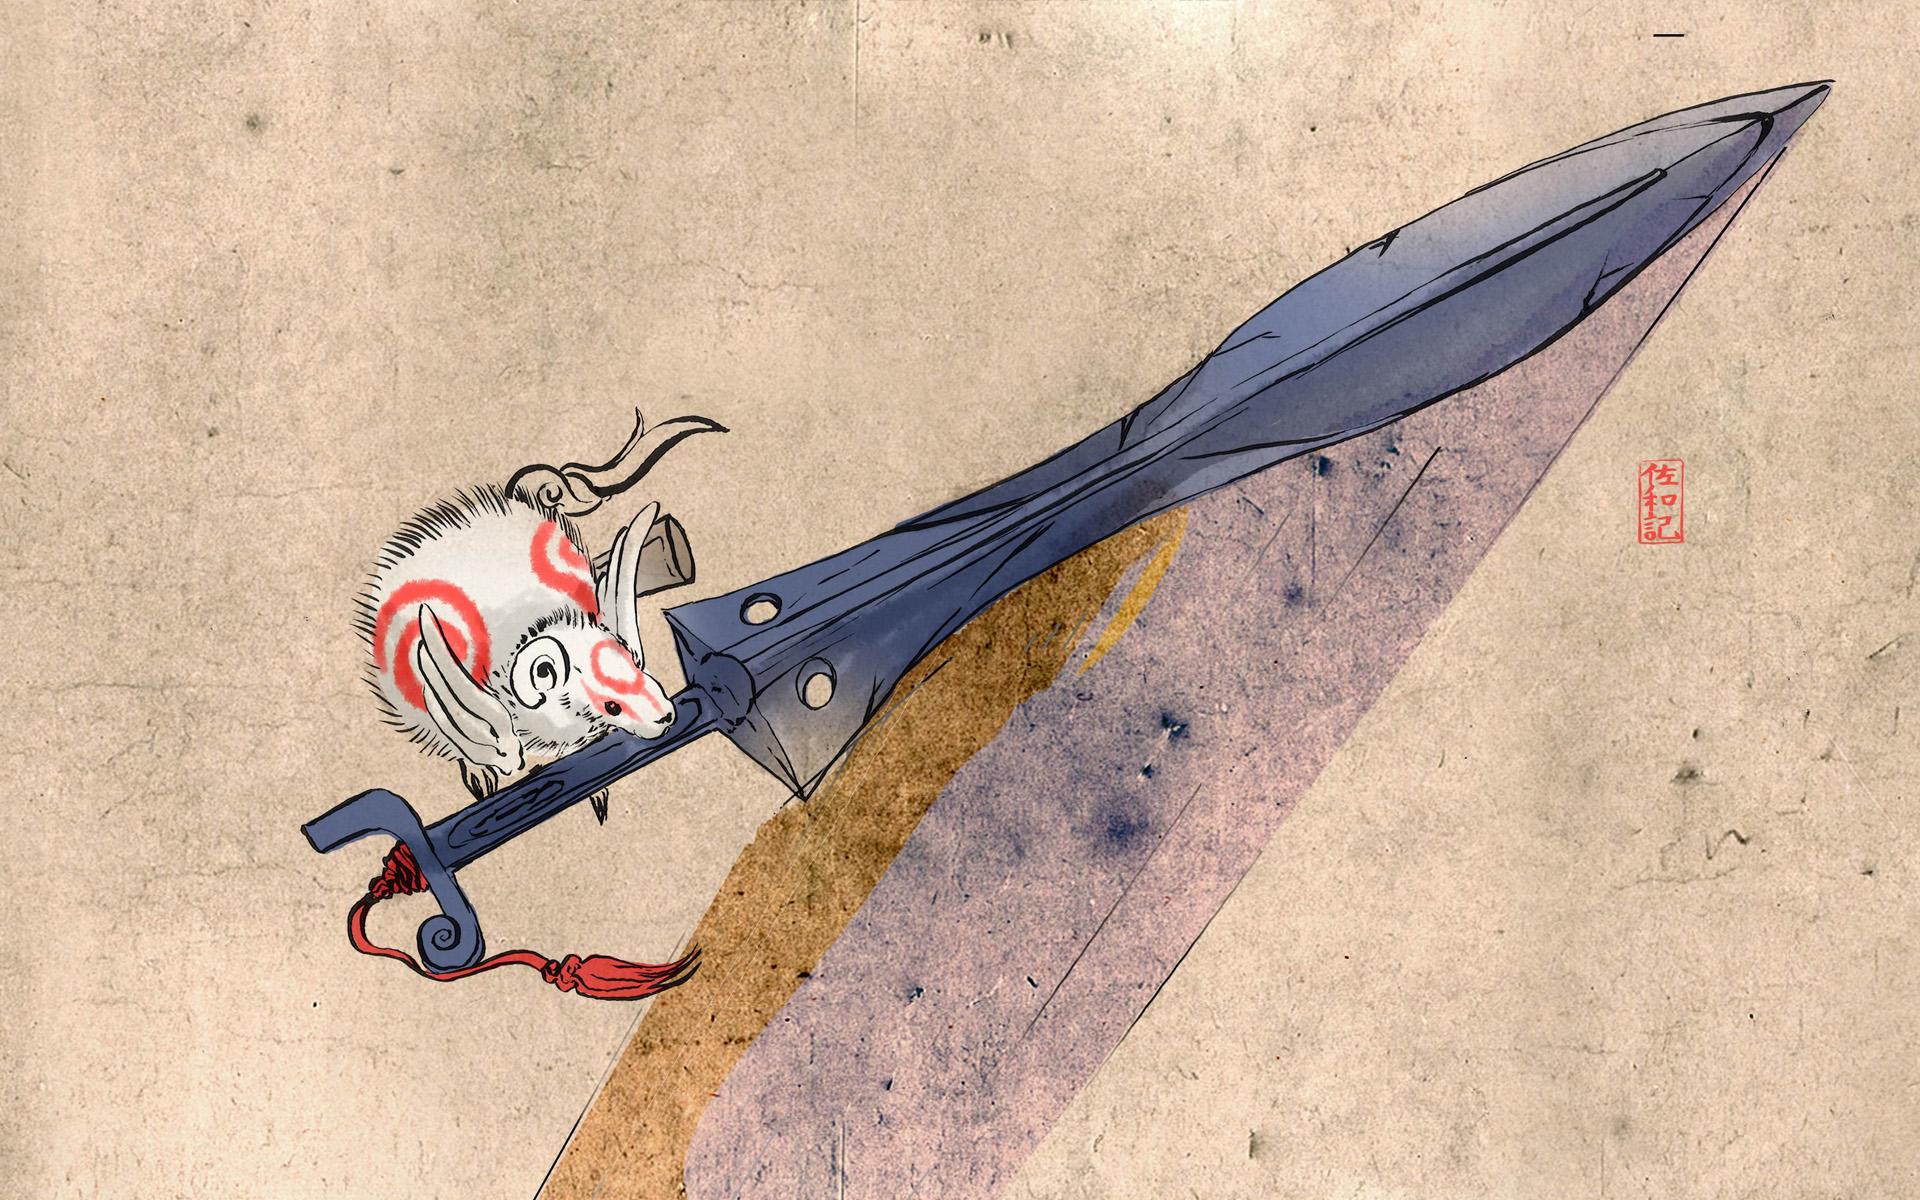 Okami Wallpaper 1920x1080